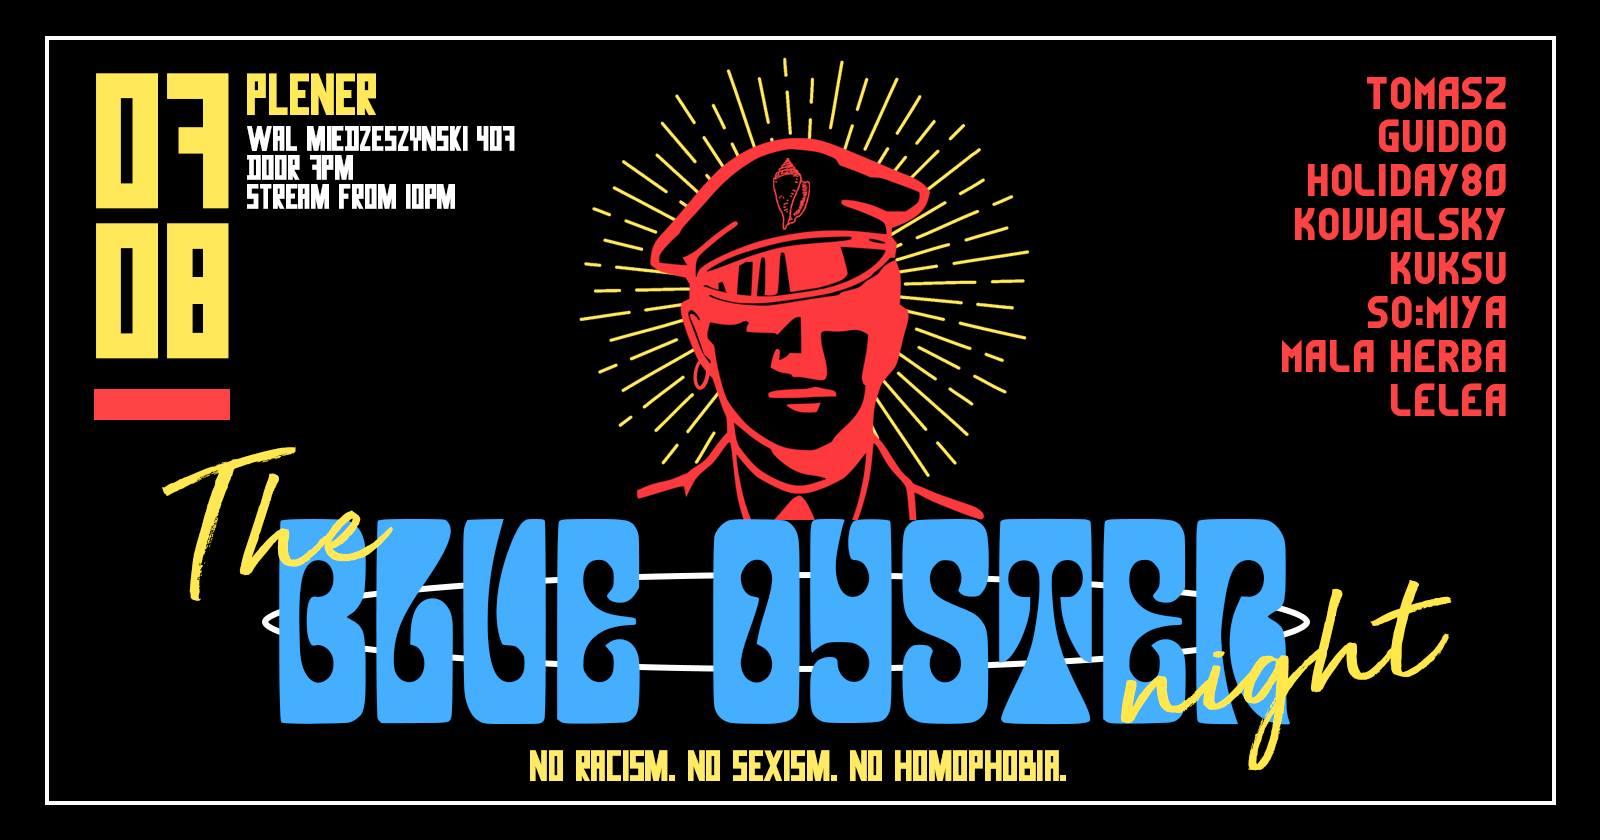 The Blue Oyster PLENER